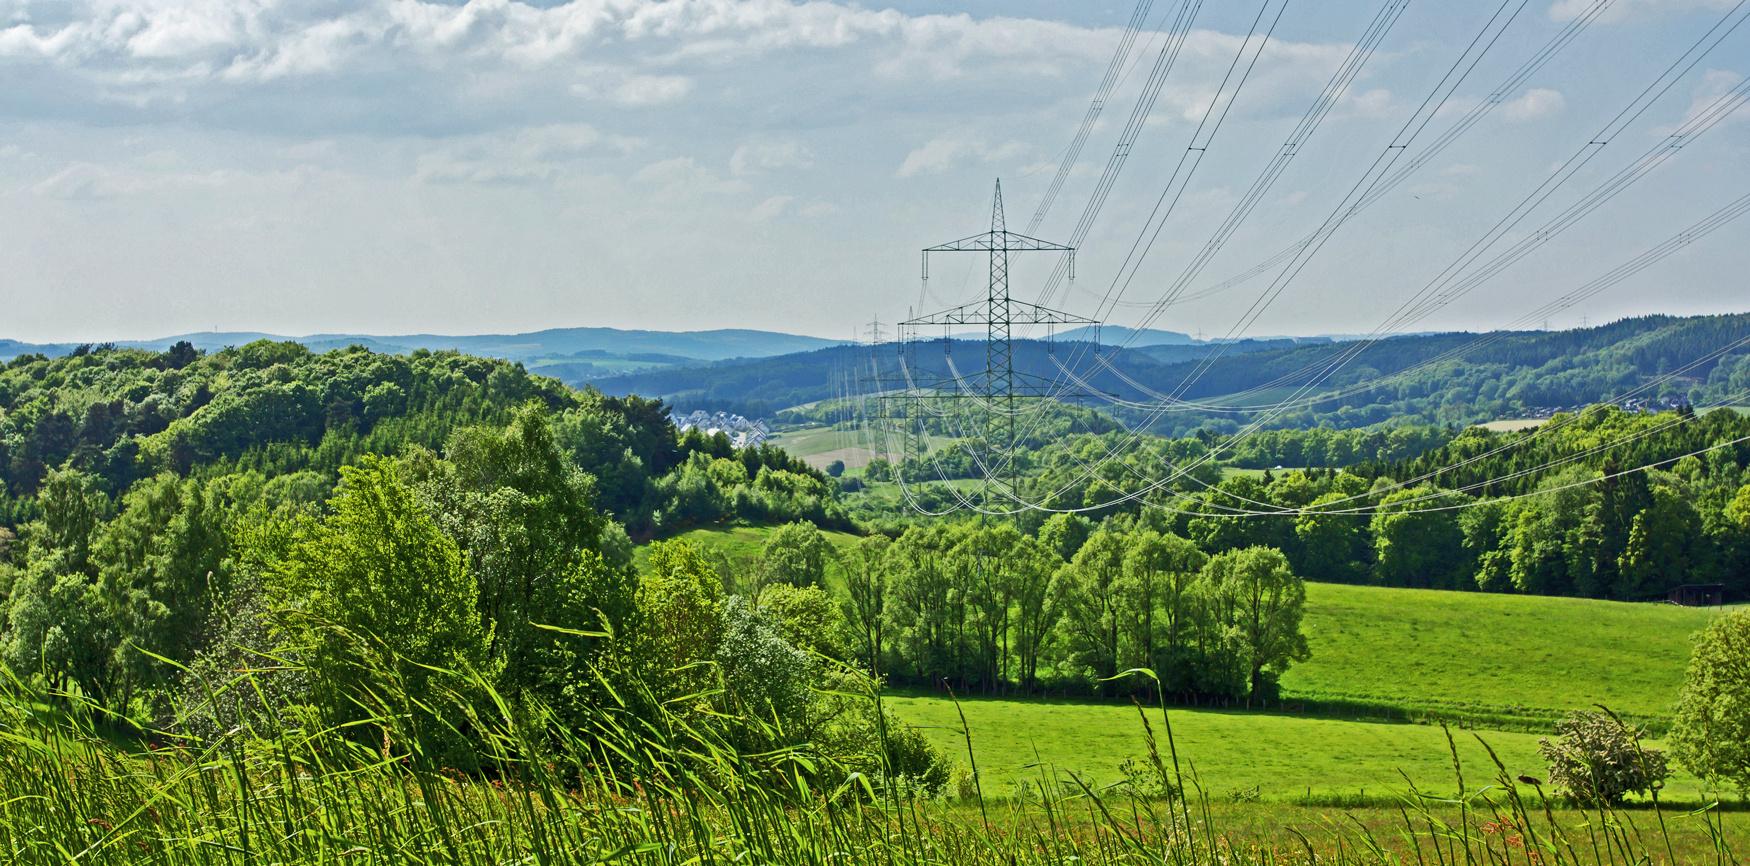 Strom Richtung Rhein